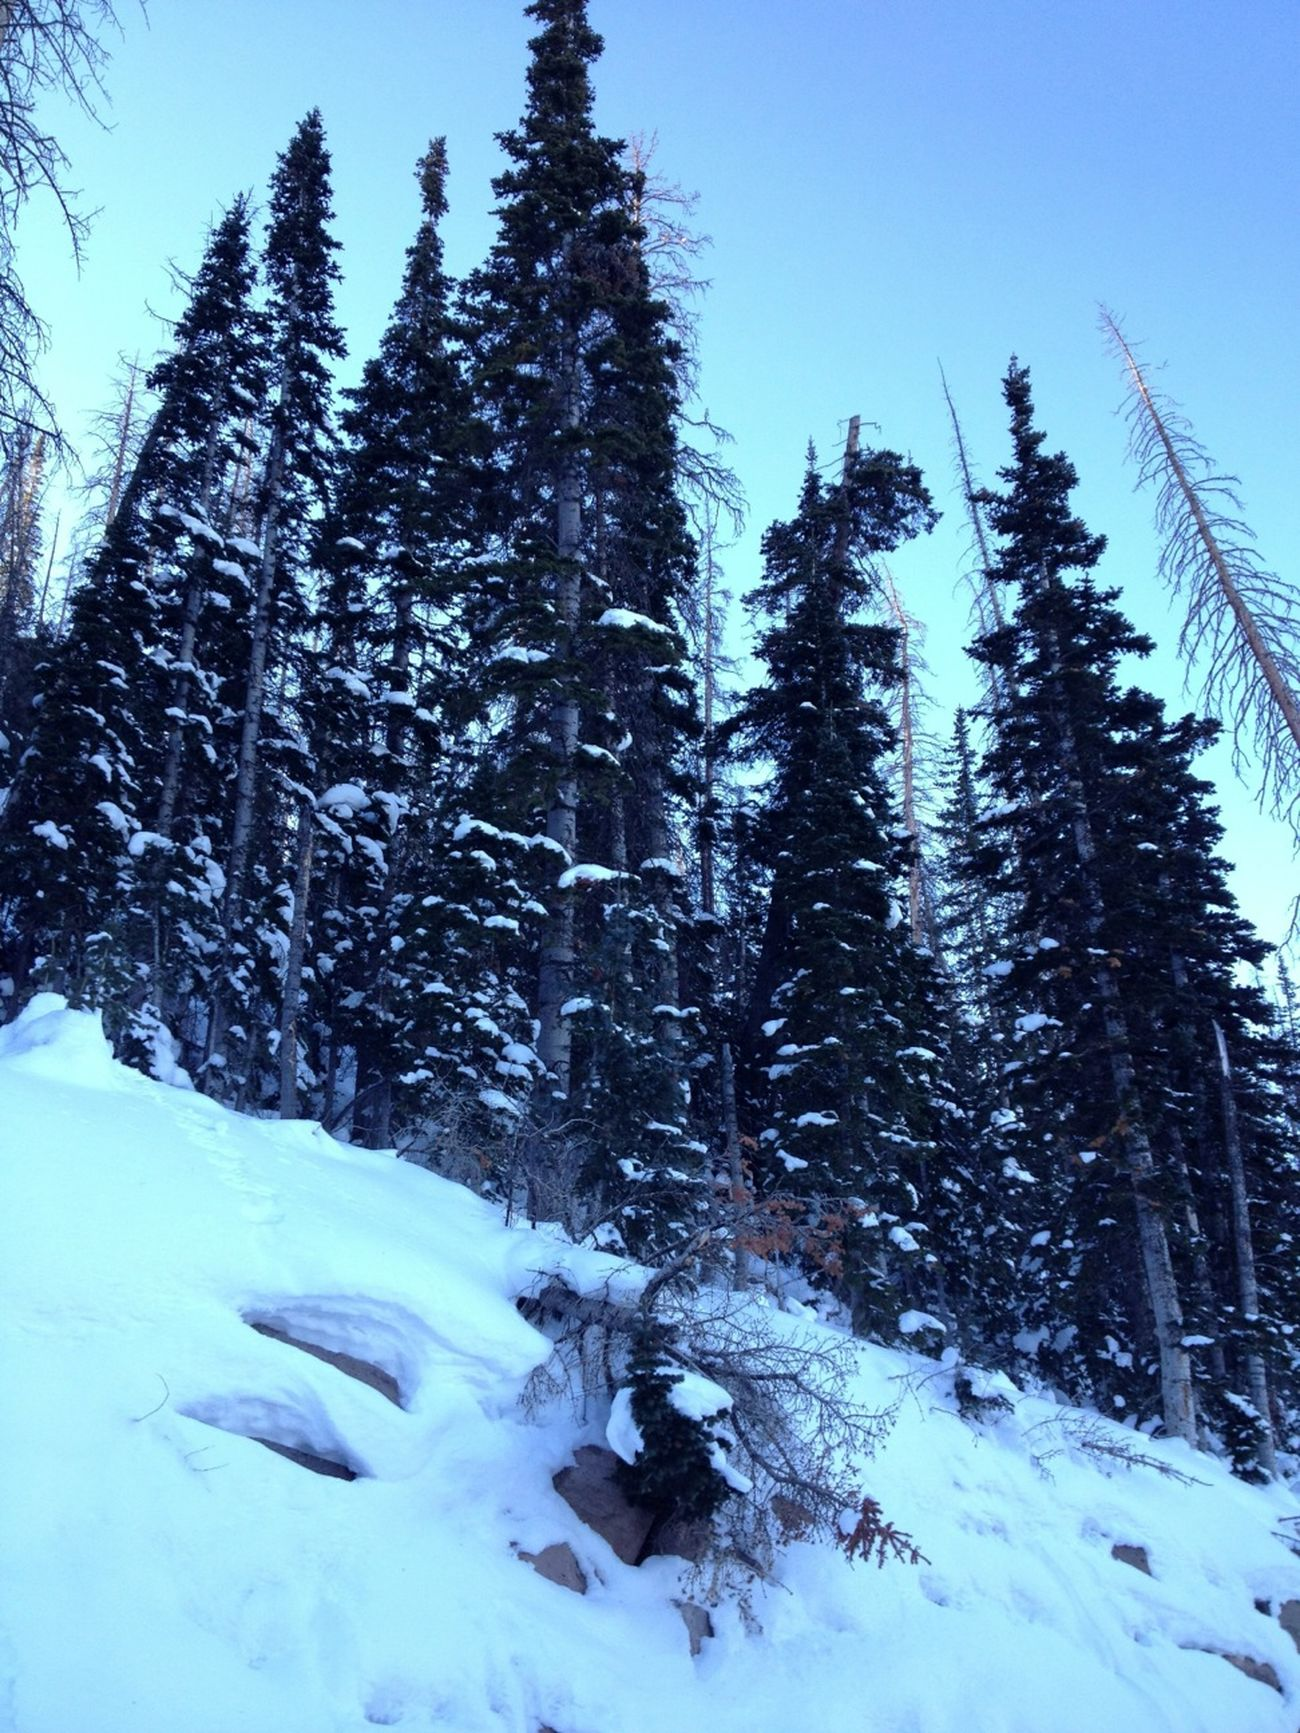 On The Way To Ski